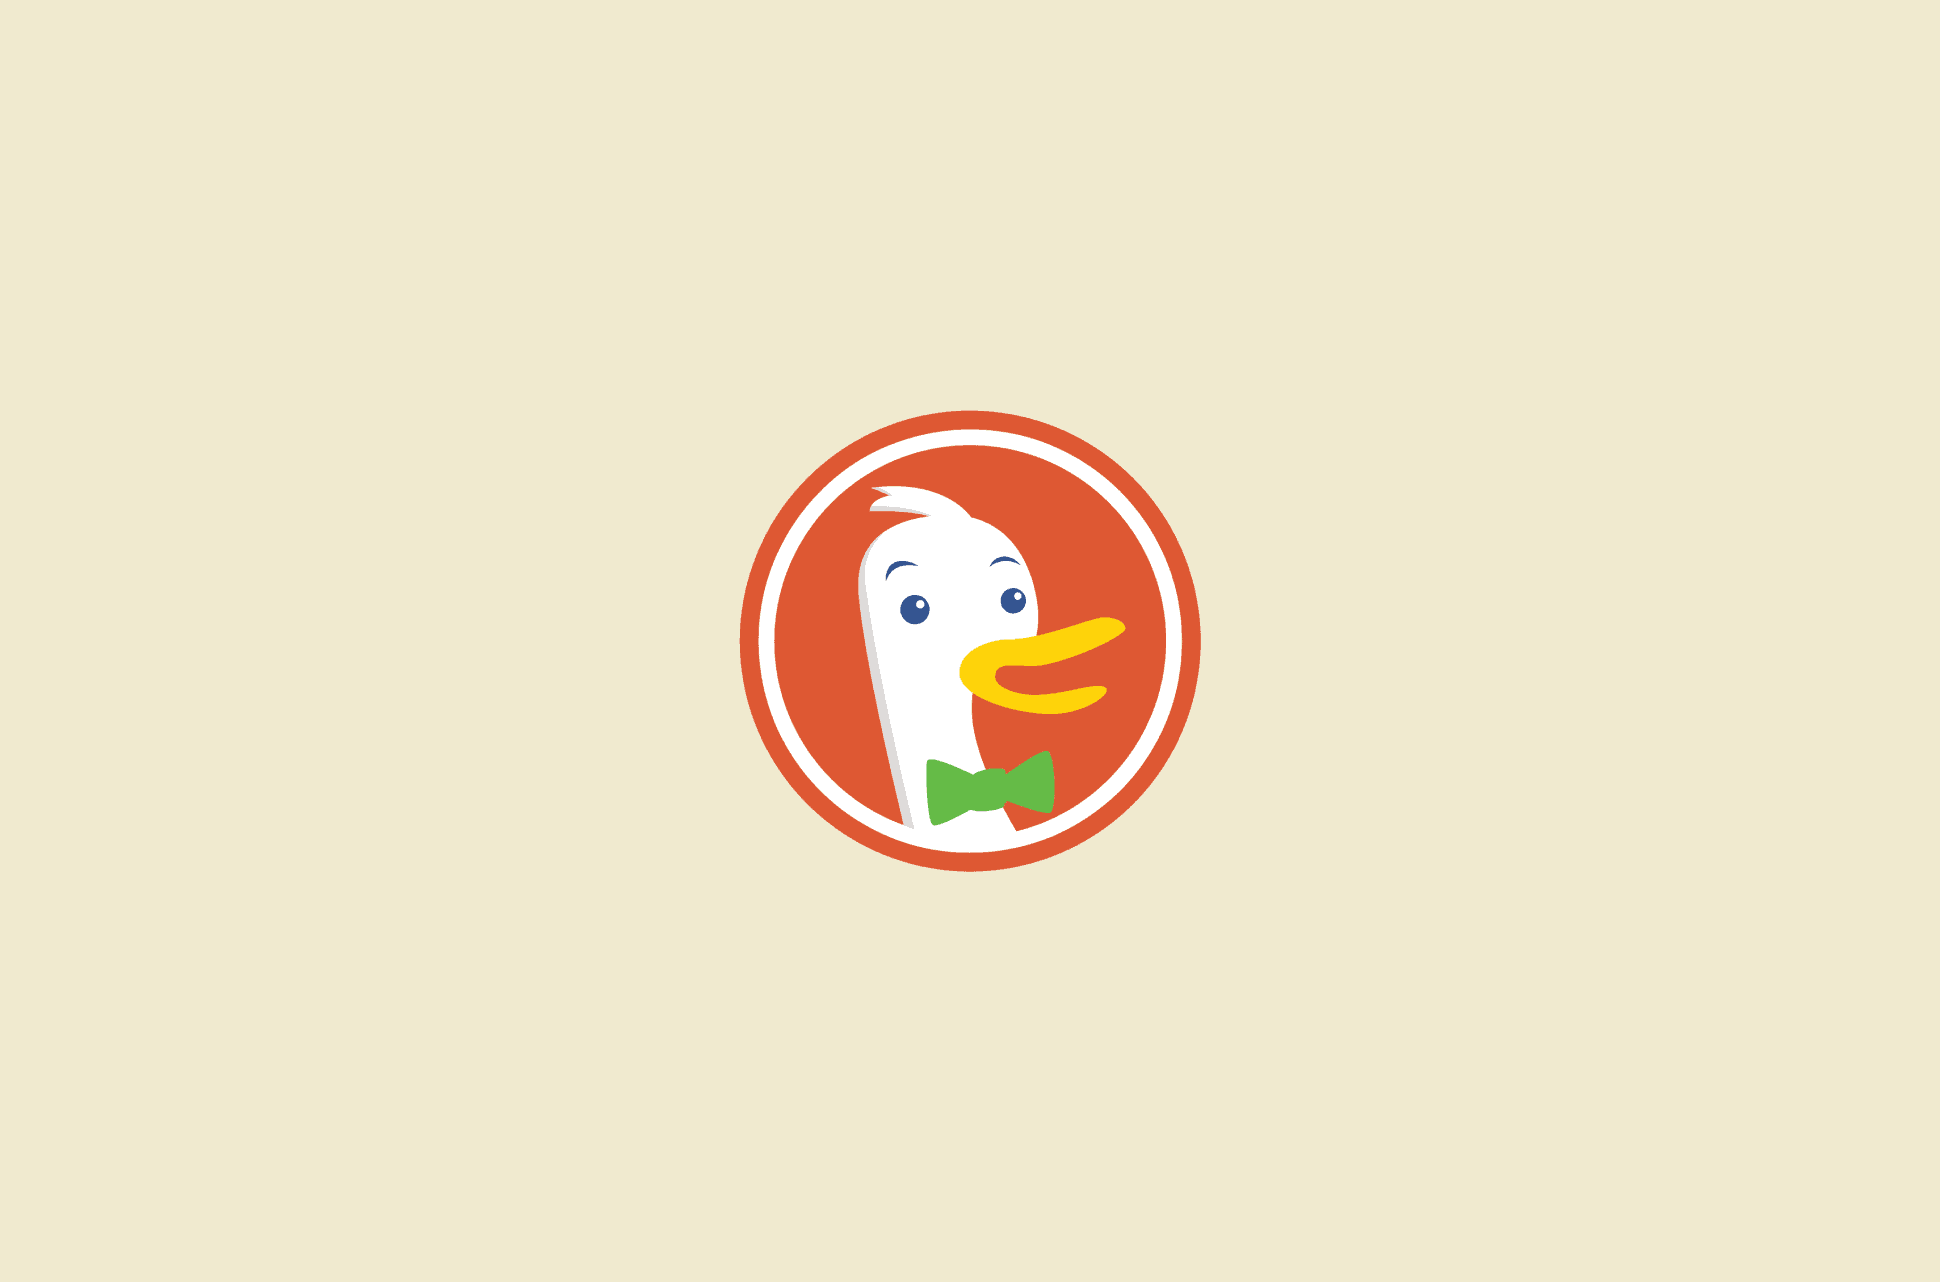 DuckDuckGo logo.